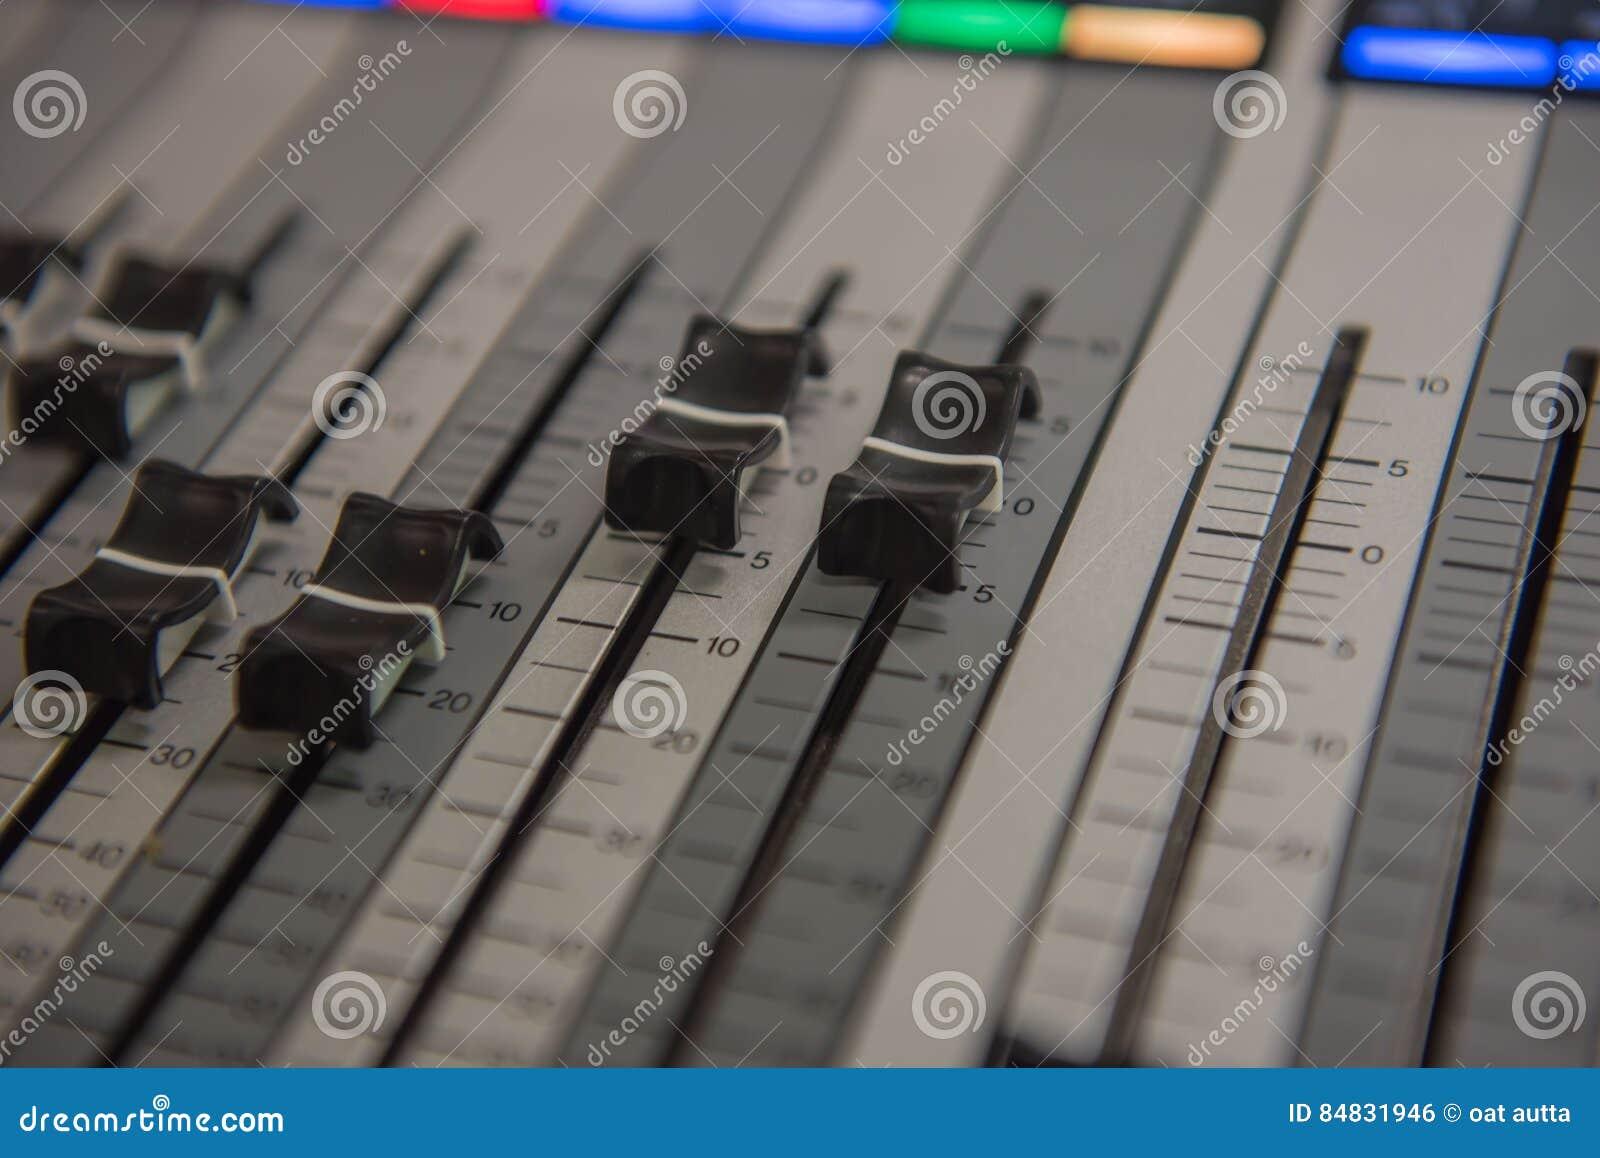 Zbliżenia dostosowania narzędzi rozsądnego melanżeru Audio muzyka, technologia